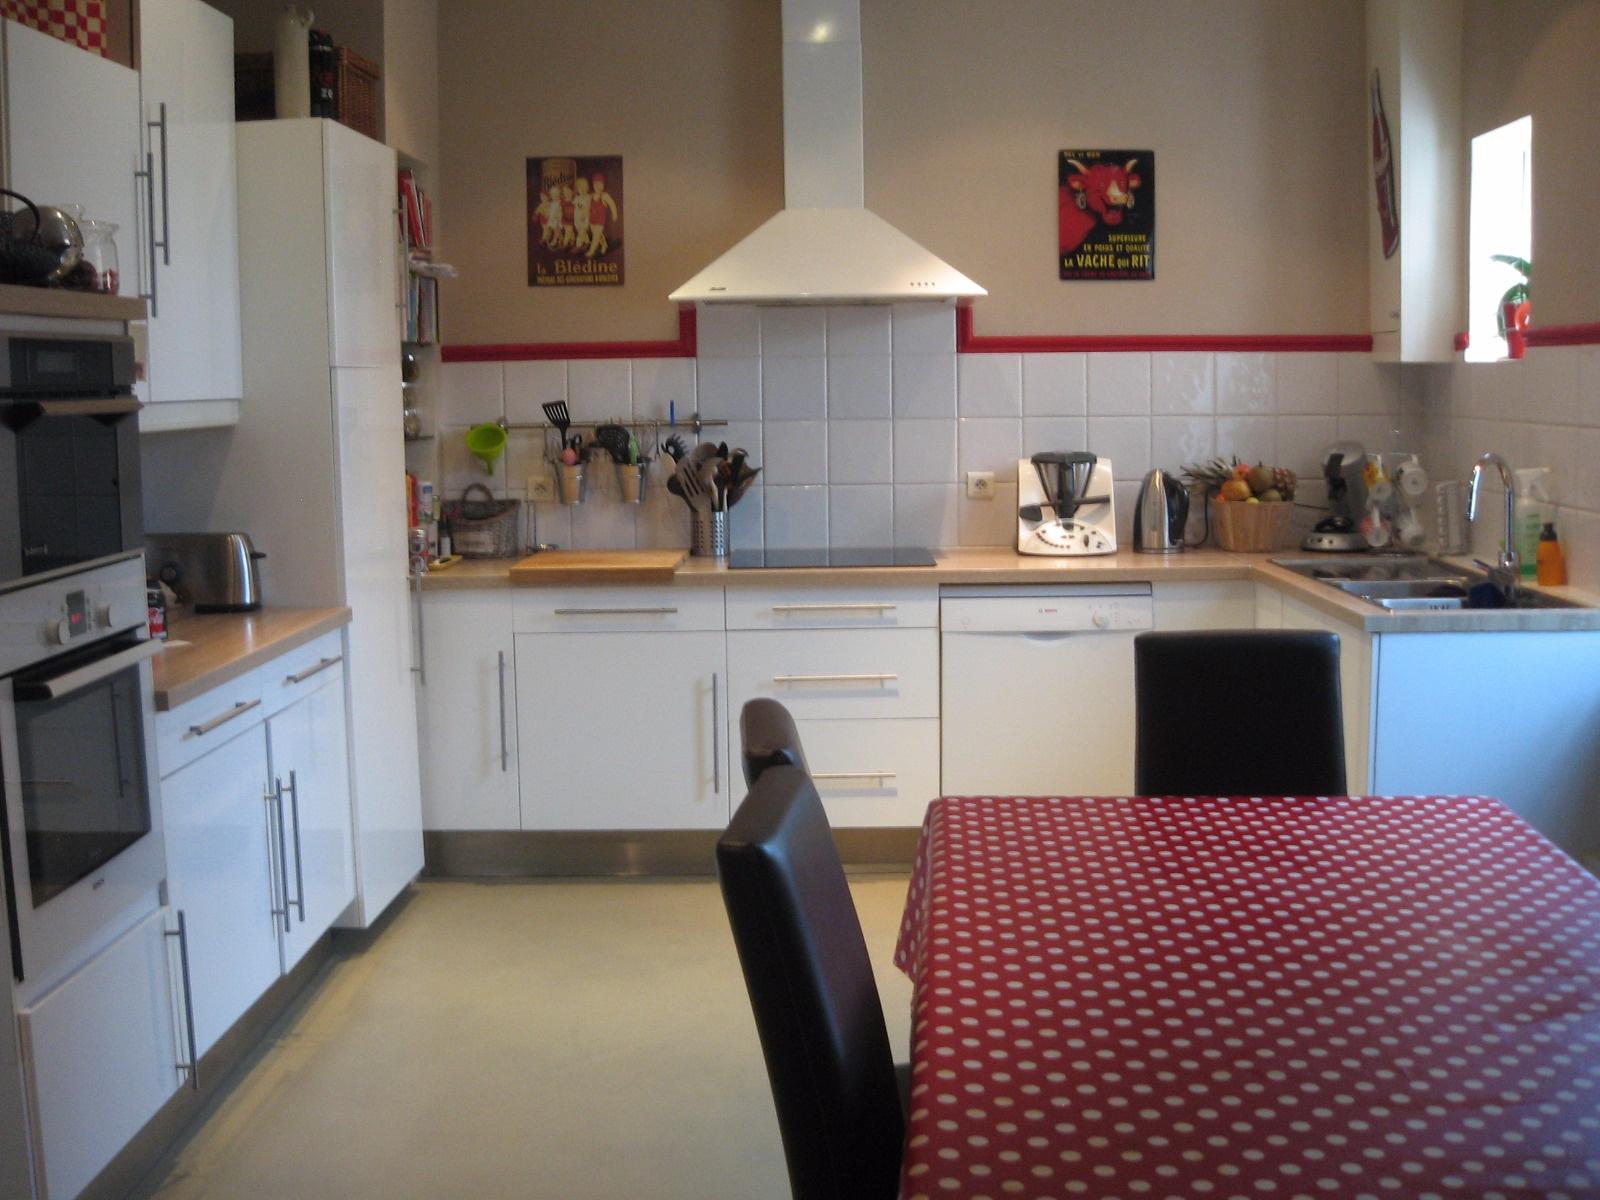 vente maison 245 m2 villefranche sur saone. Black Bedroom Furniture Sets. Home Design Ideas